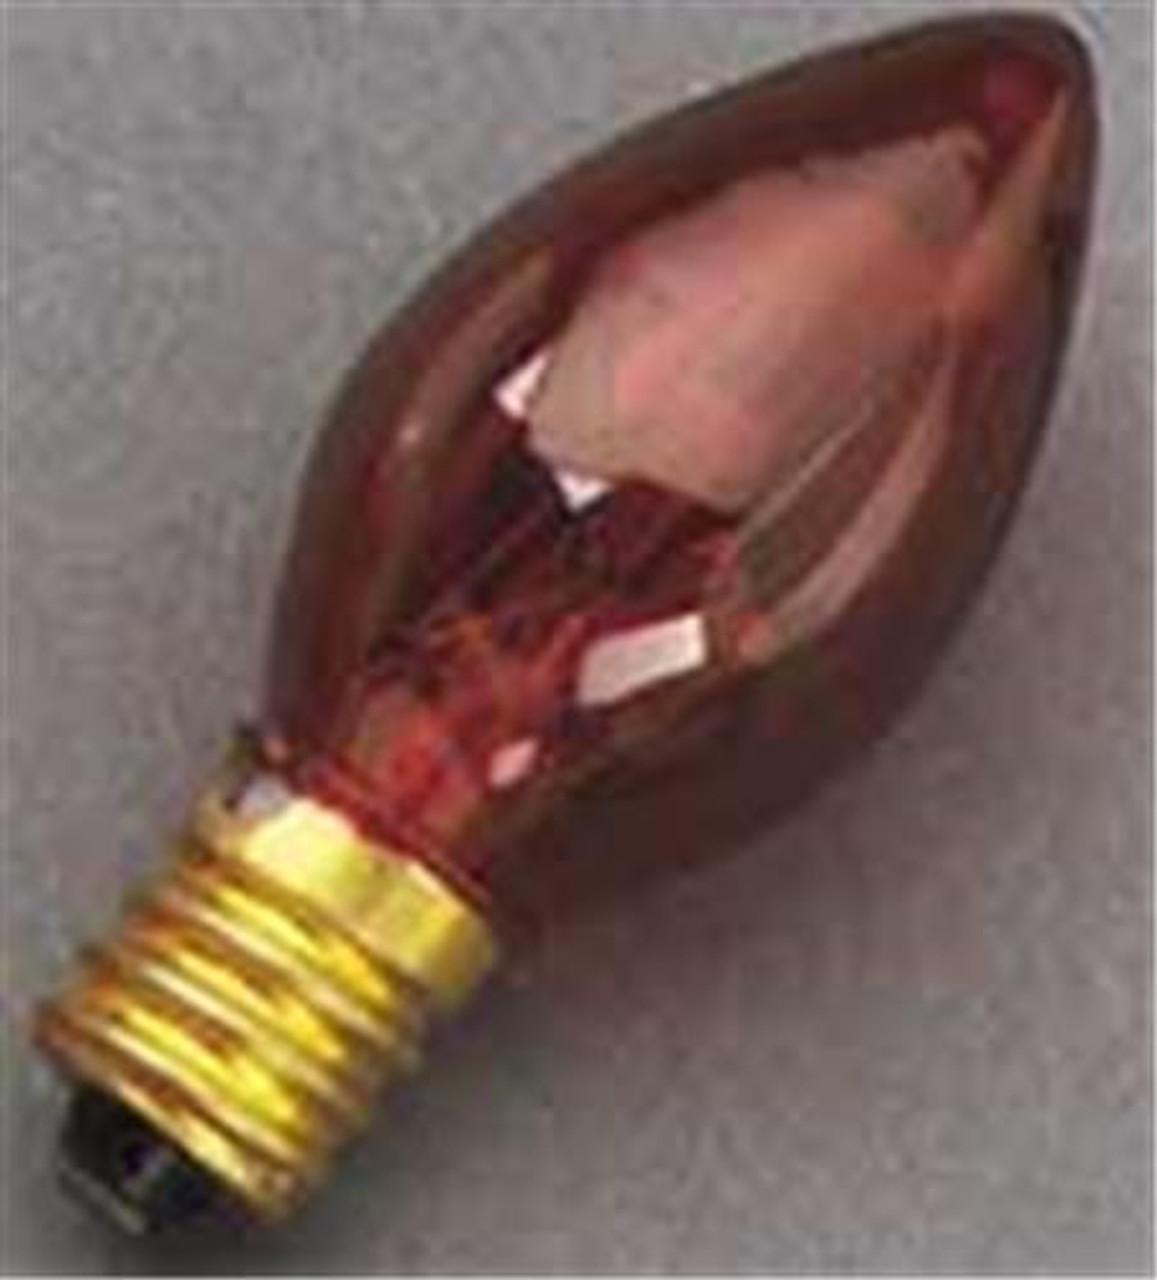 Cherry Tree Toys 7 Watt Blinker Bulb